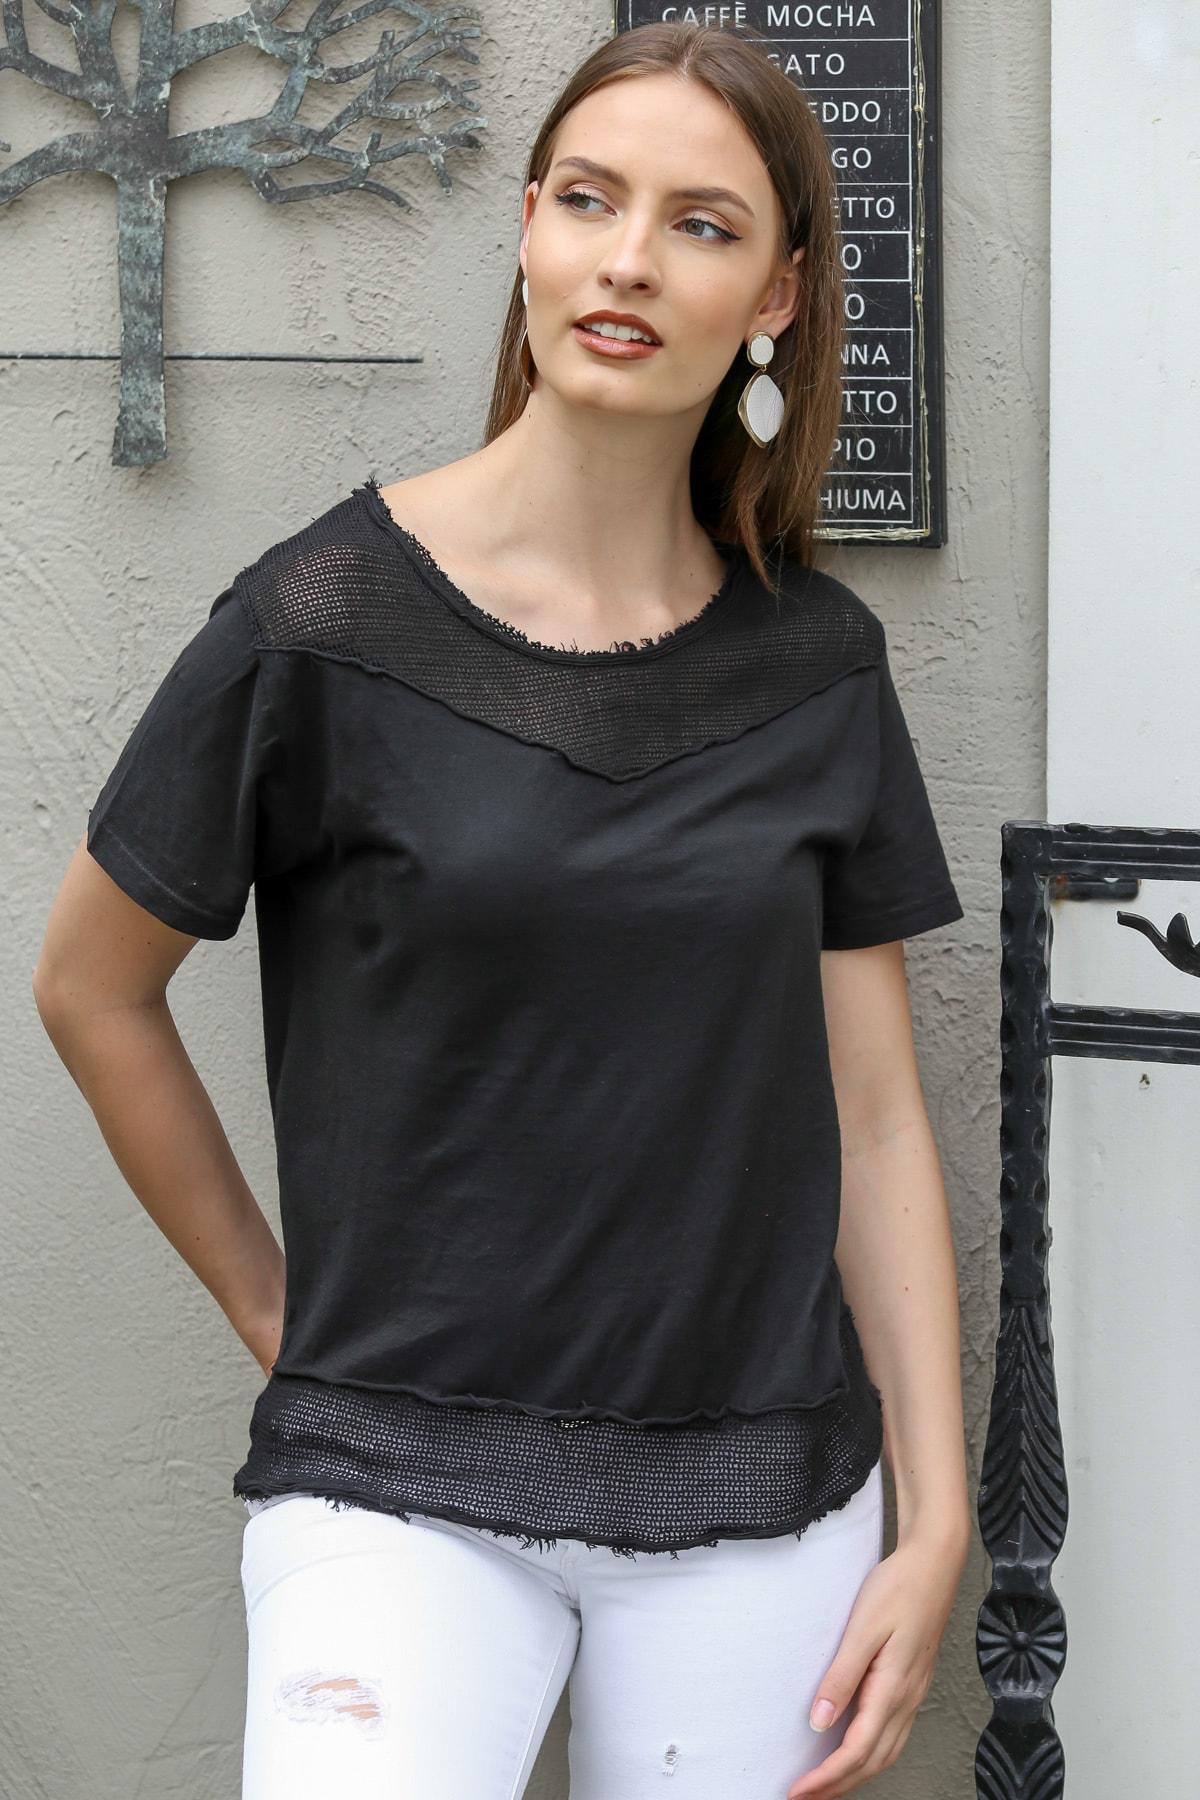 Chiccy Kadın Siyah Sıfır Yaka Roba Ve Etek Ucu File Detaylı Yıkamalı T-Shirt M10010300TS98199